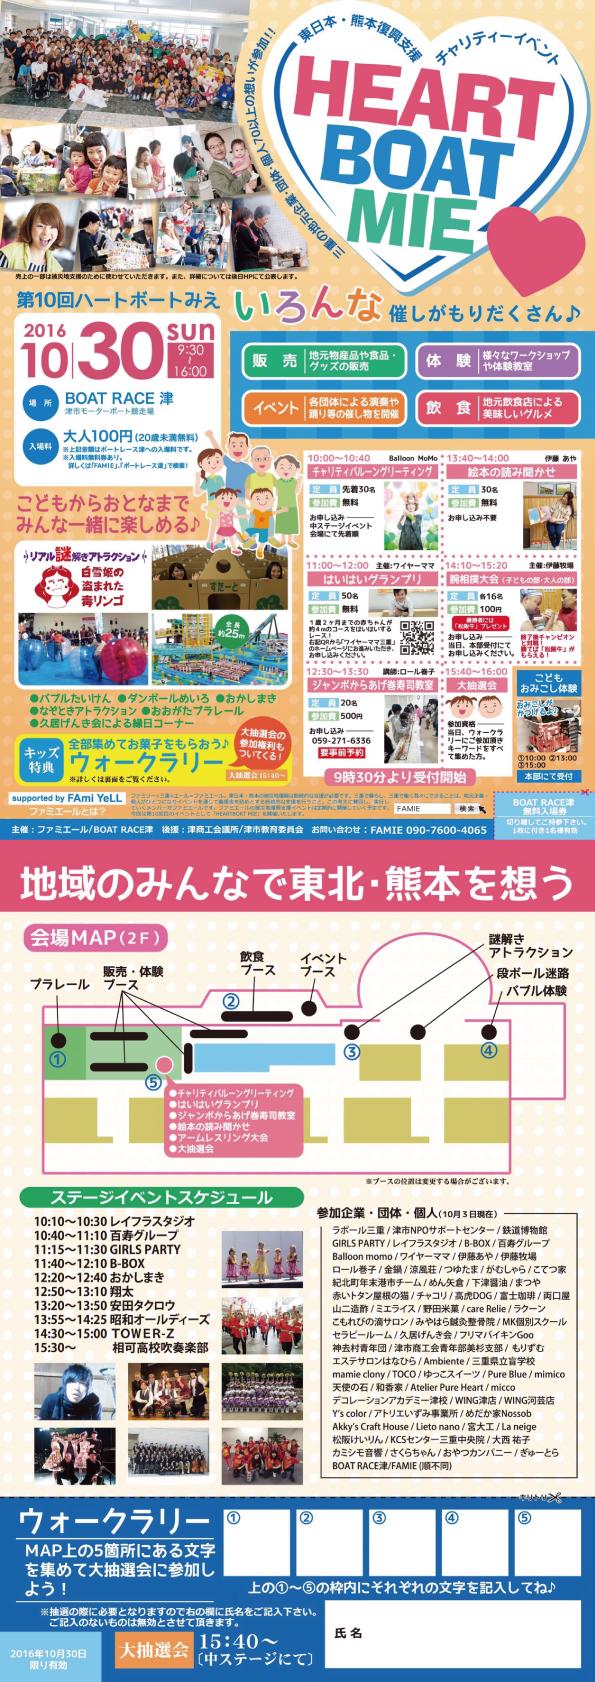 第10回 HEART BOAT MIE 東日本・熊本復興支援チャリティーイベント~このイベントは終了しました